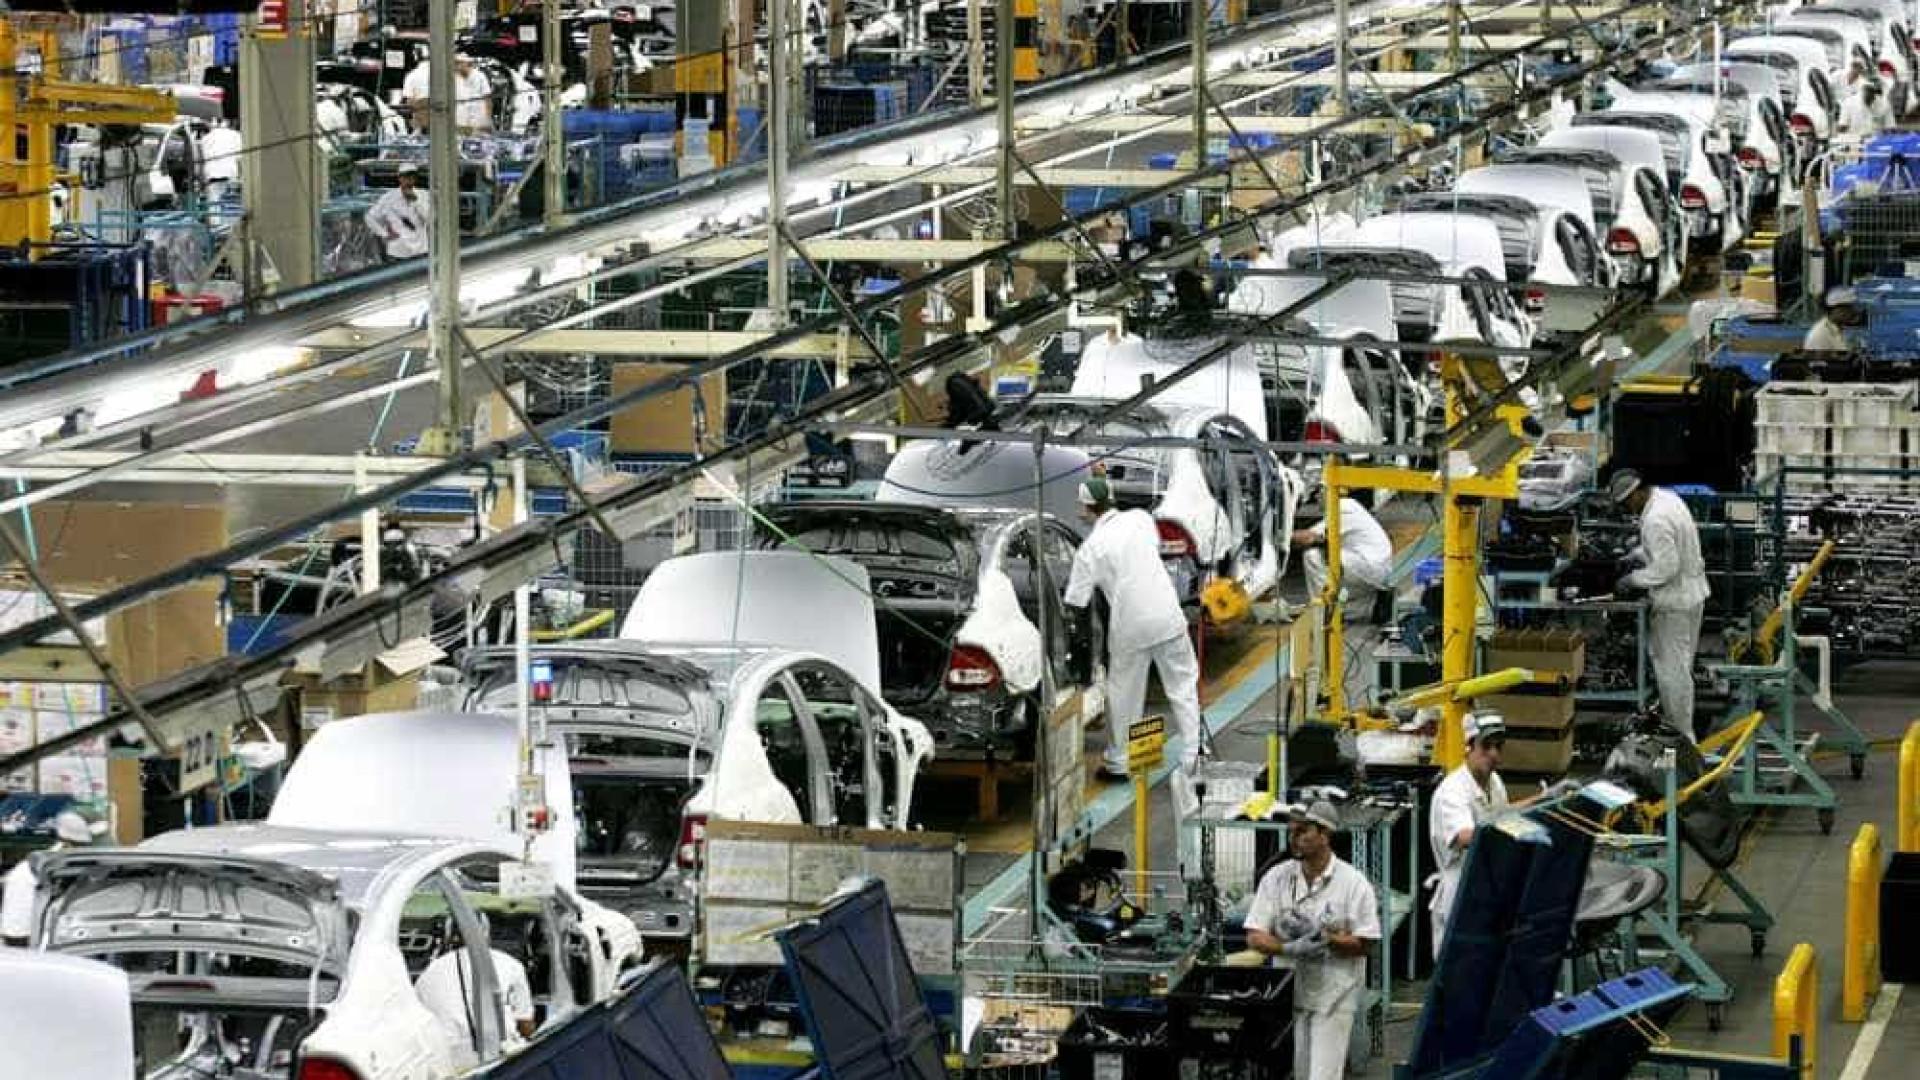 Produção de veículos em fevereiro tem melhor resultado em 4 anos